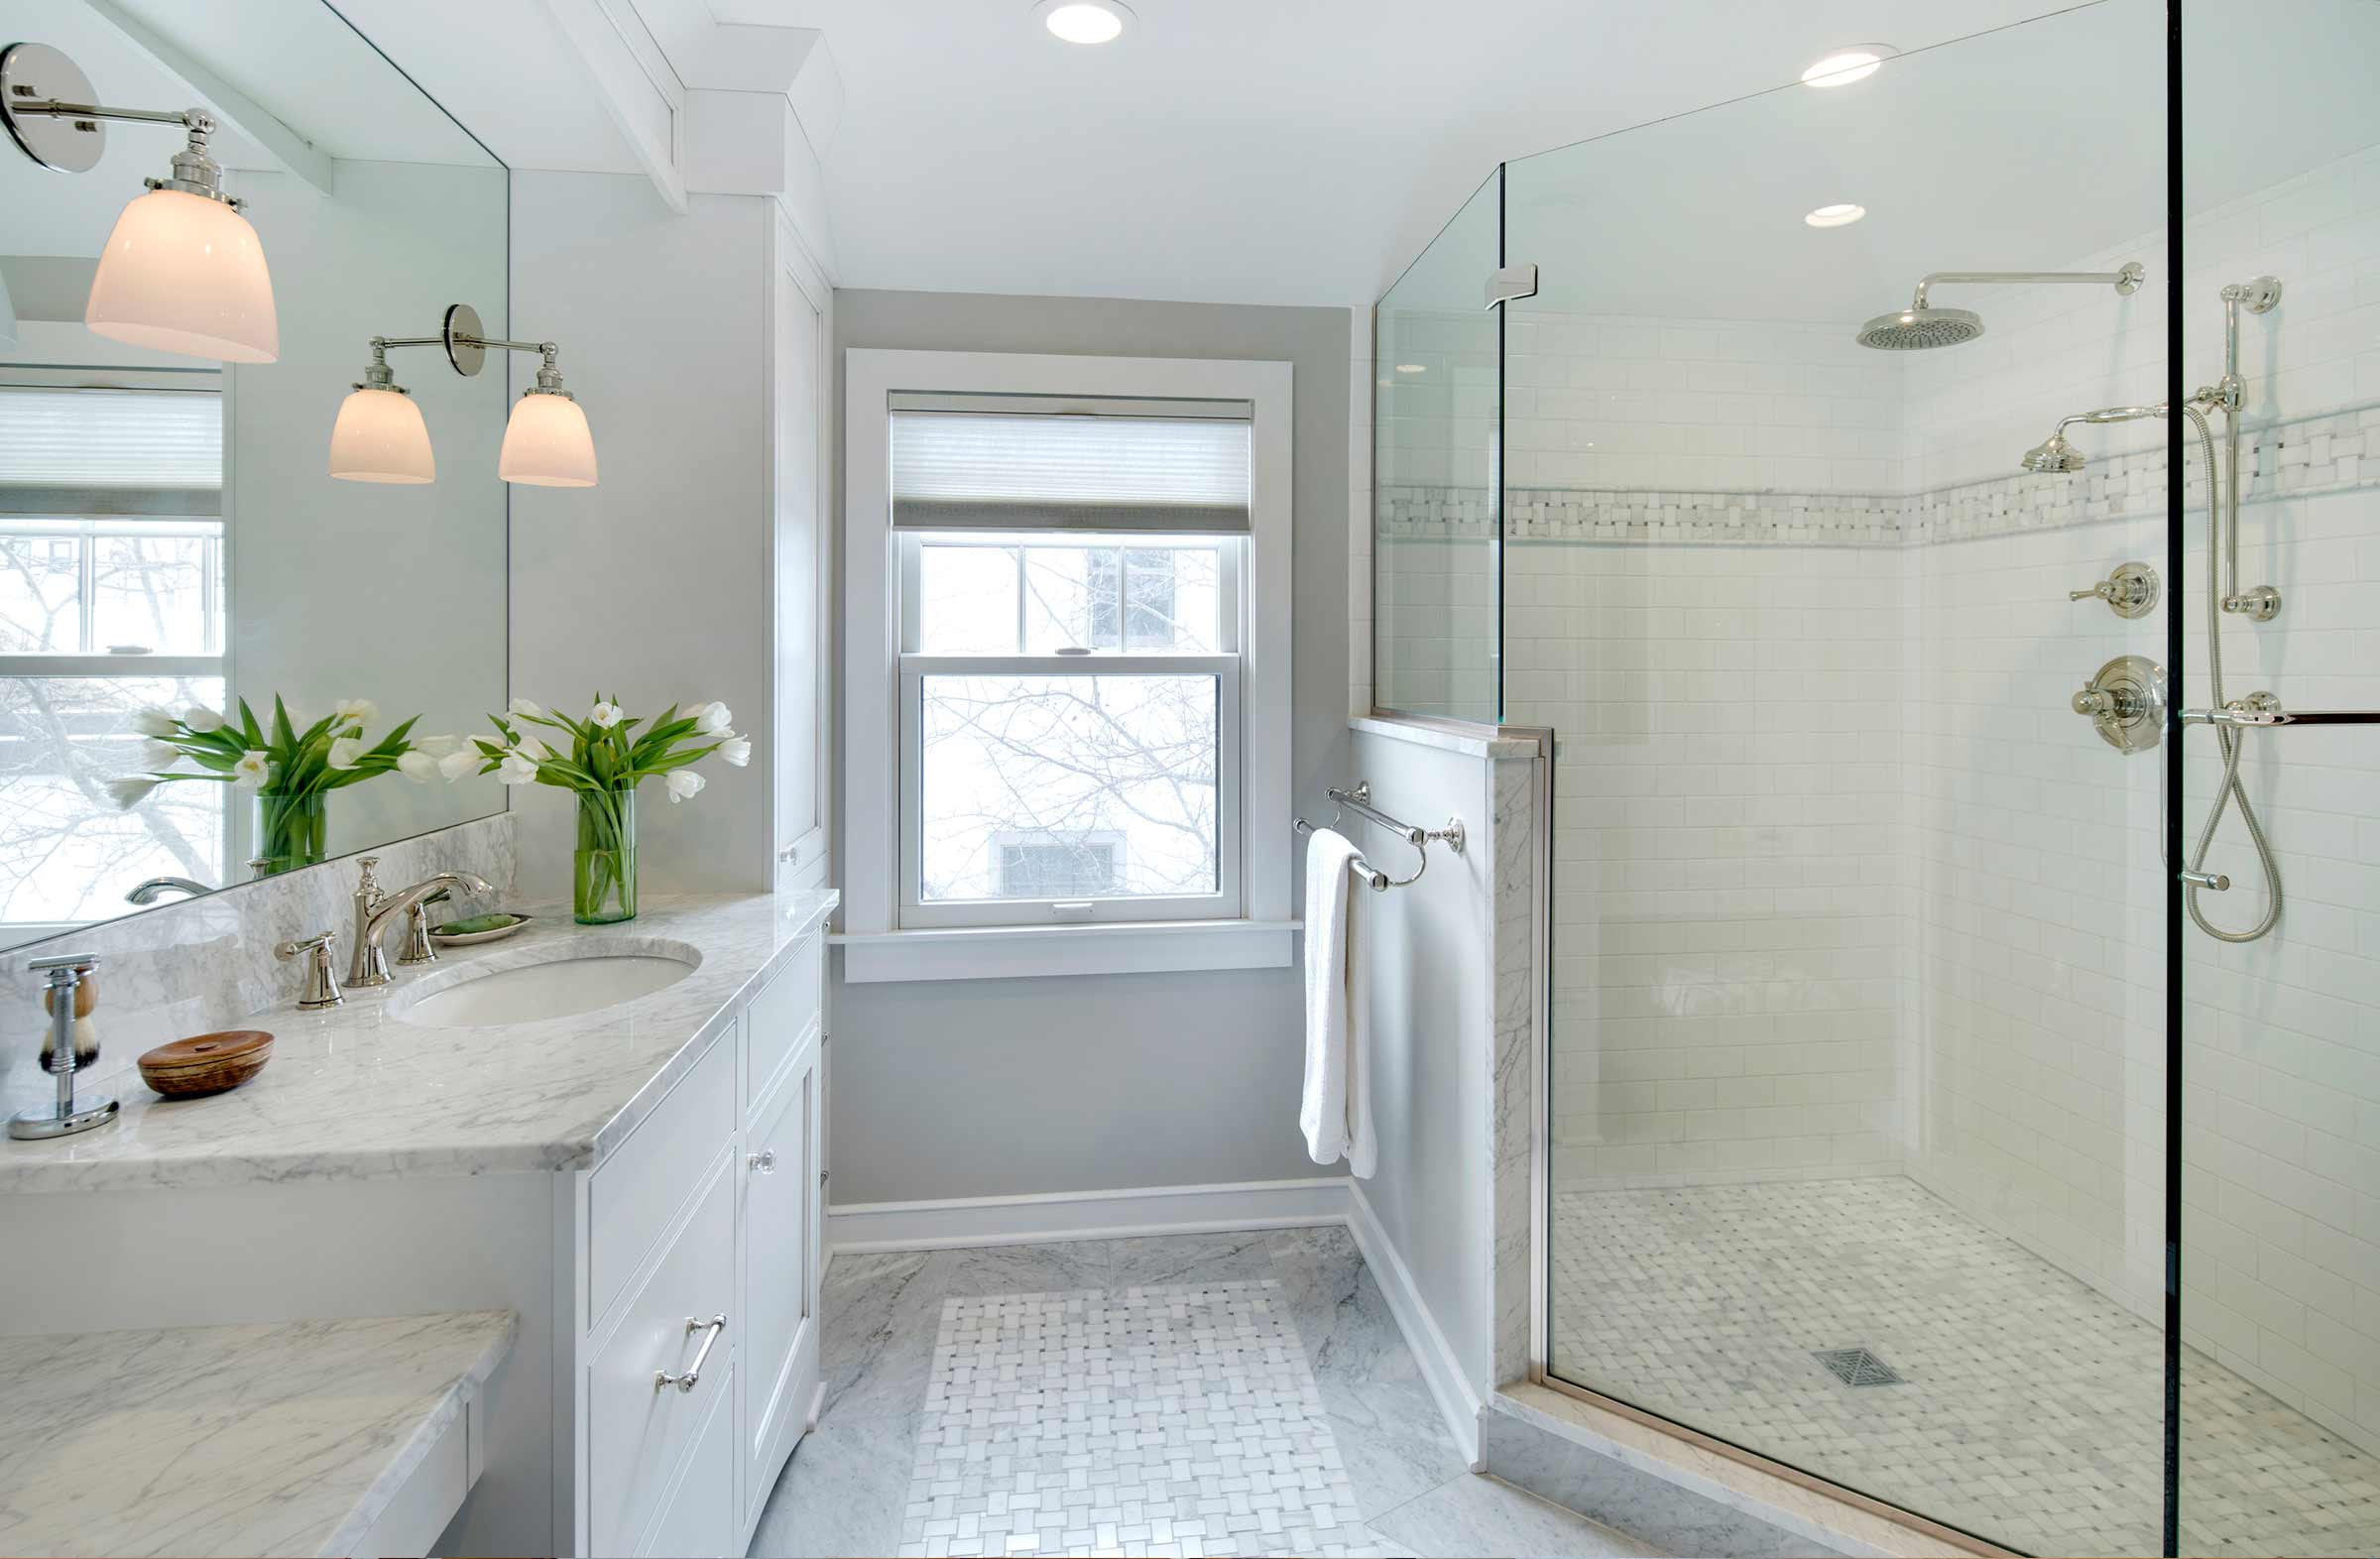 Beau Home Remodeling, Construction U0026 Design. U0027